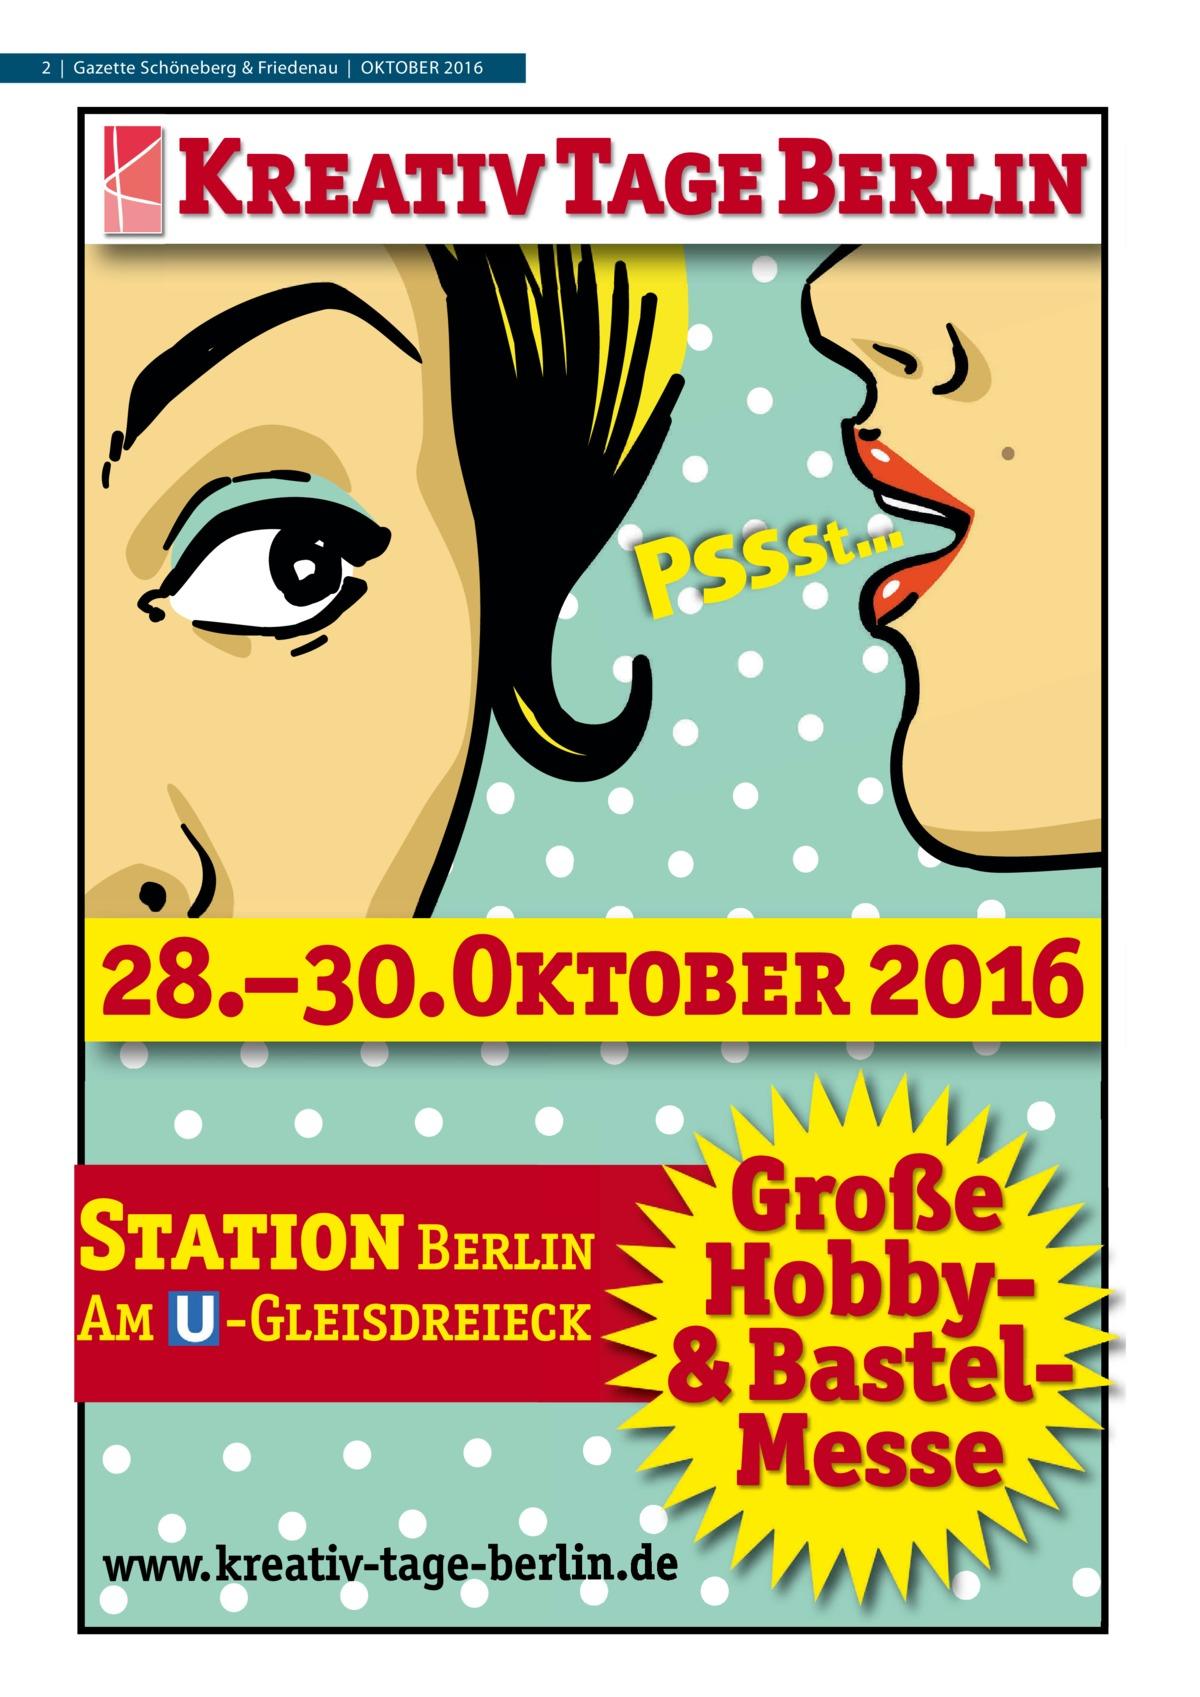 2|Gazette Schöneberg & Friedenau|Oktober 2016